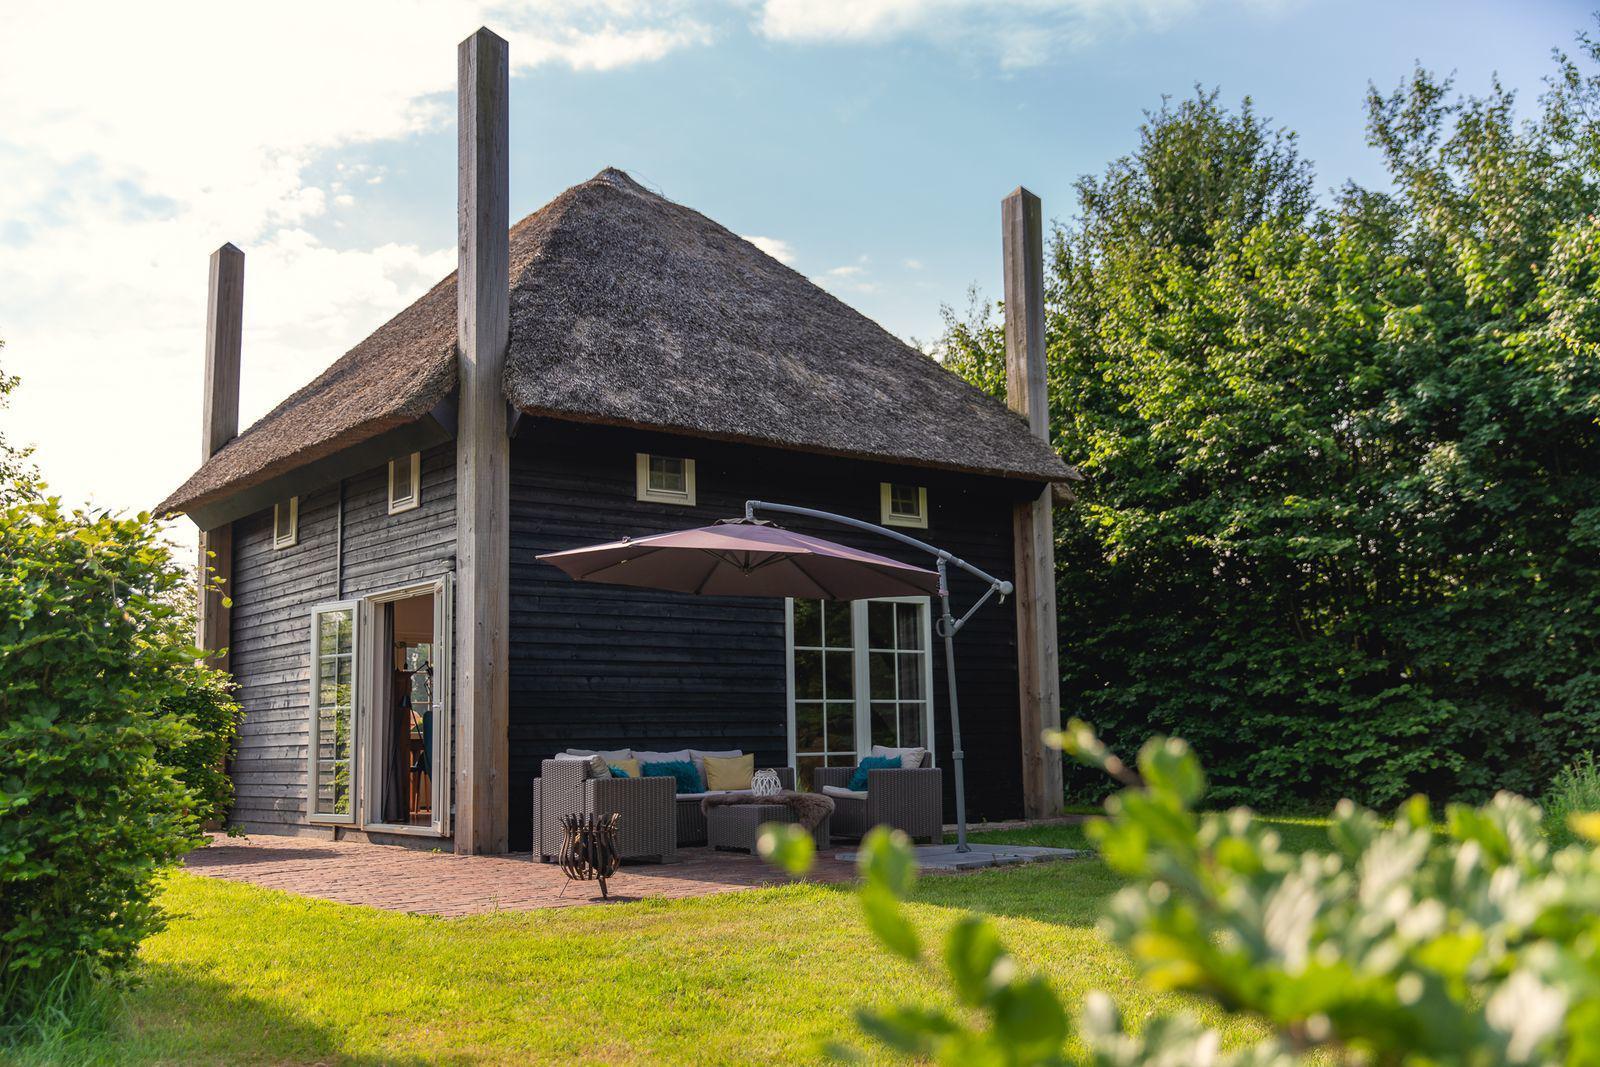 Vakantiepark Mölke Reggehooiberg 5 personen Zuna Overijssel